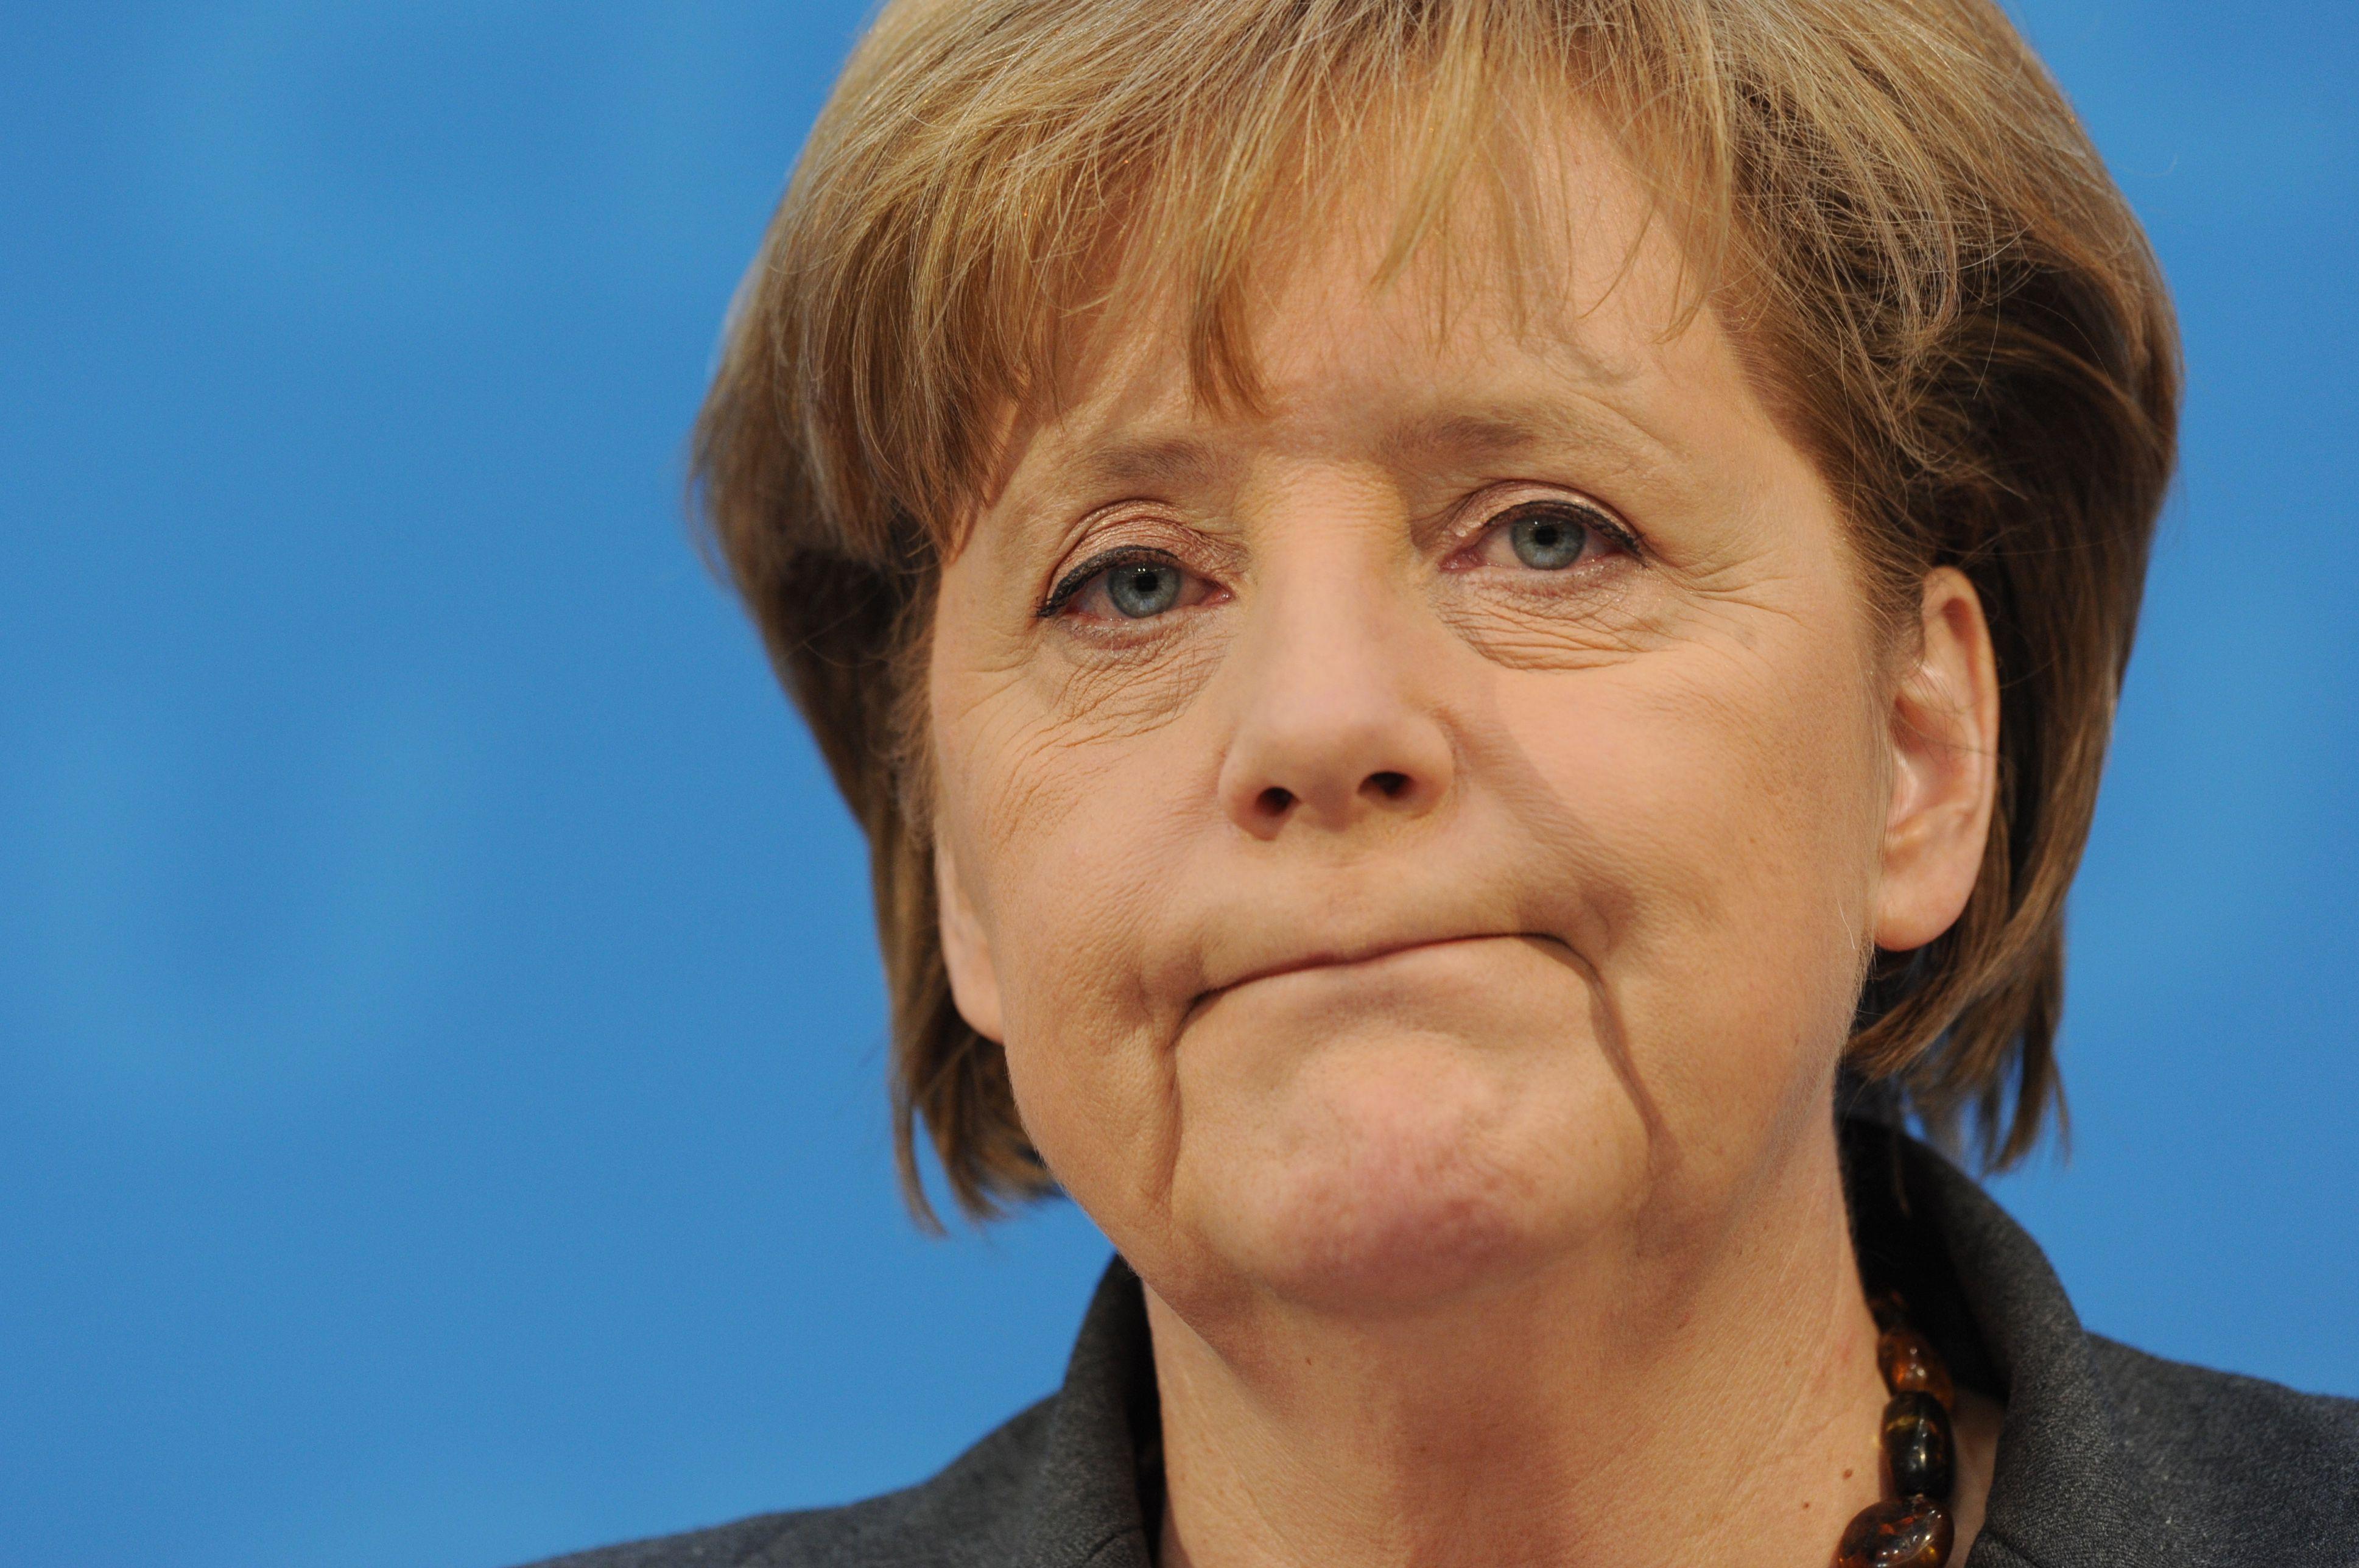 Alemania pedirá explicaciones a la NSA por espionaje